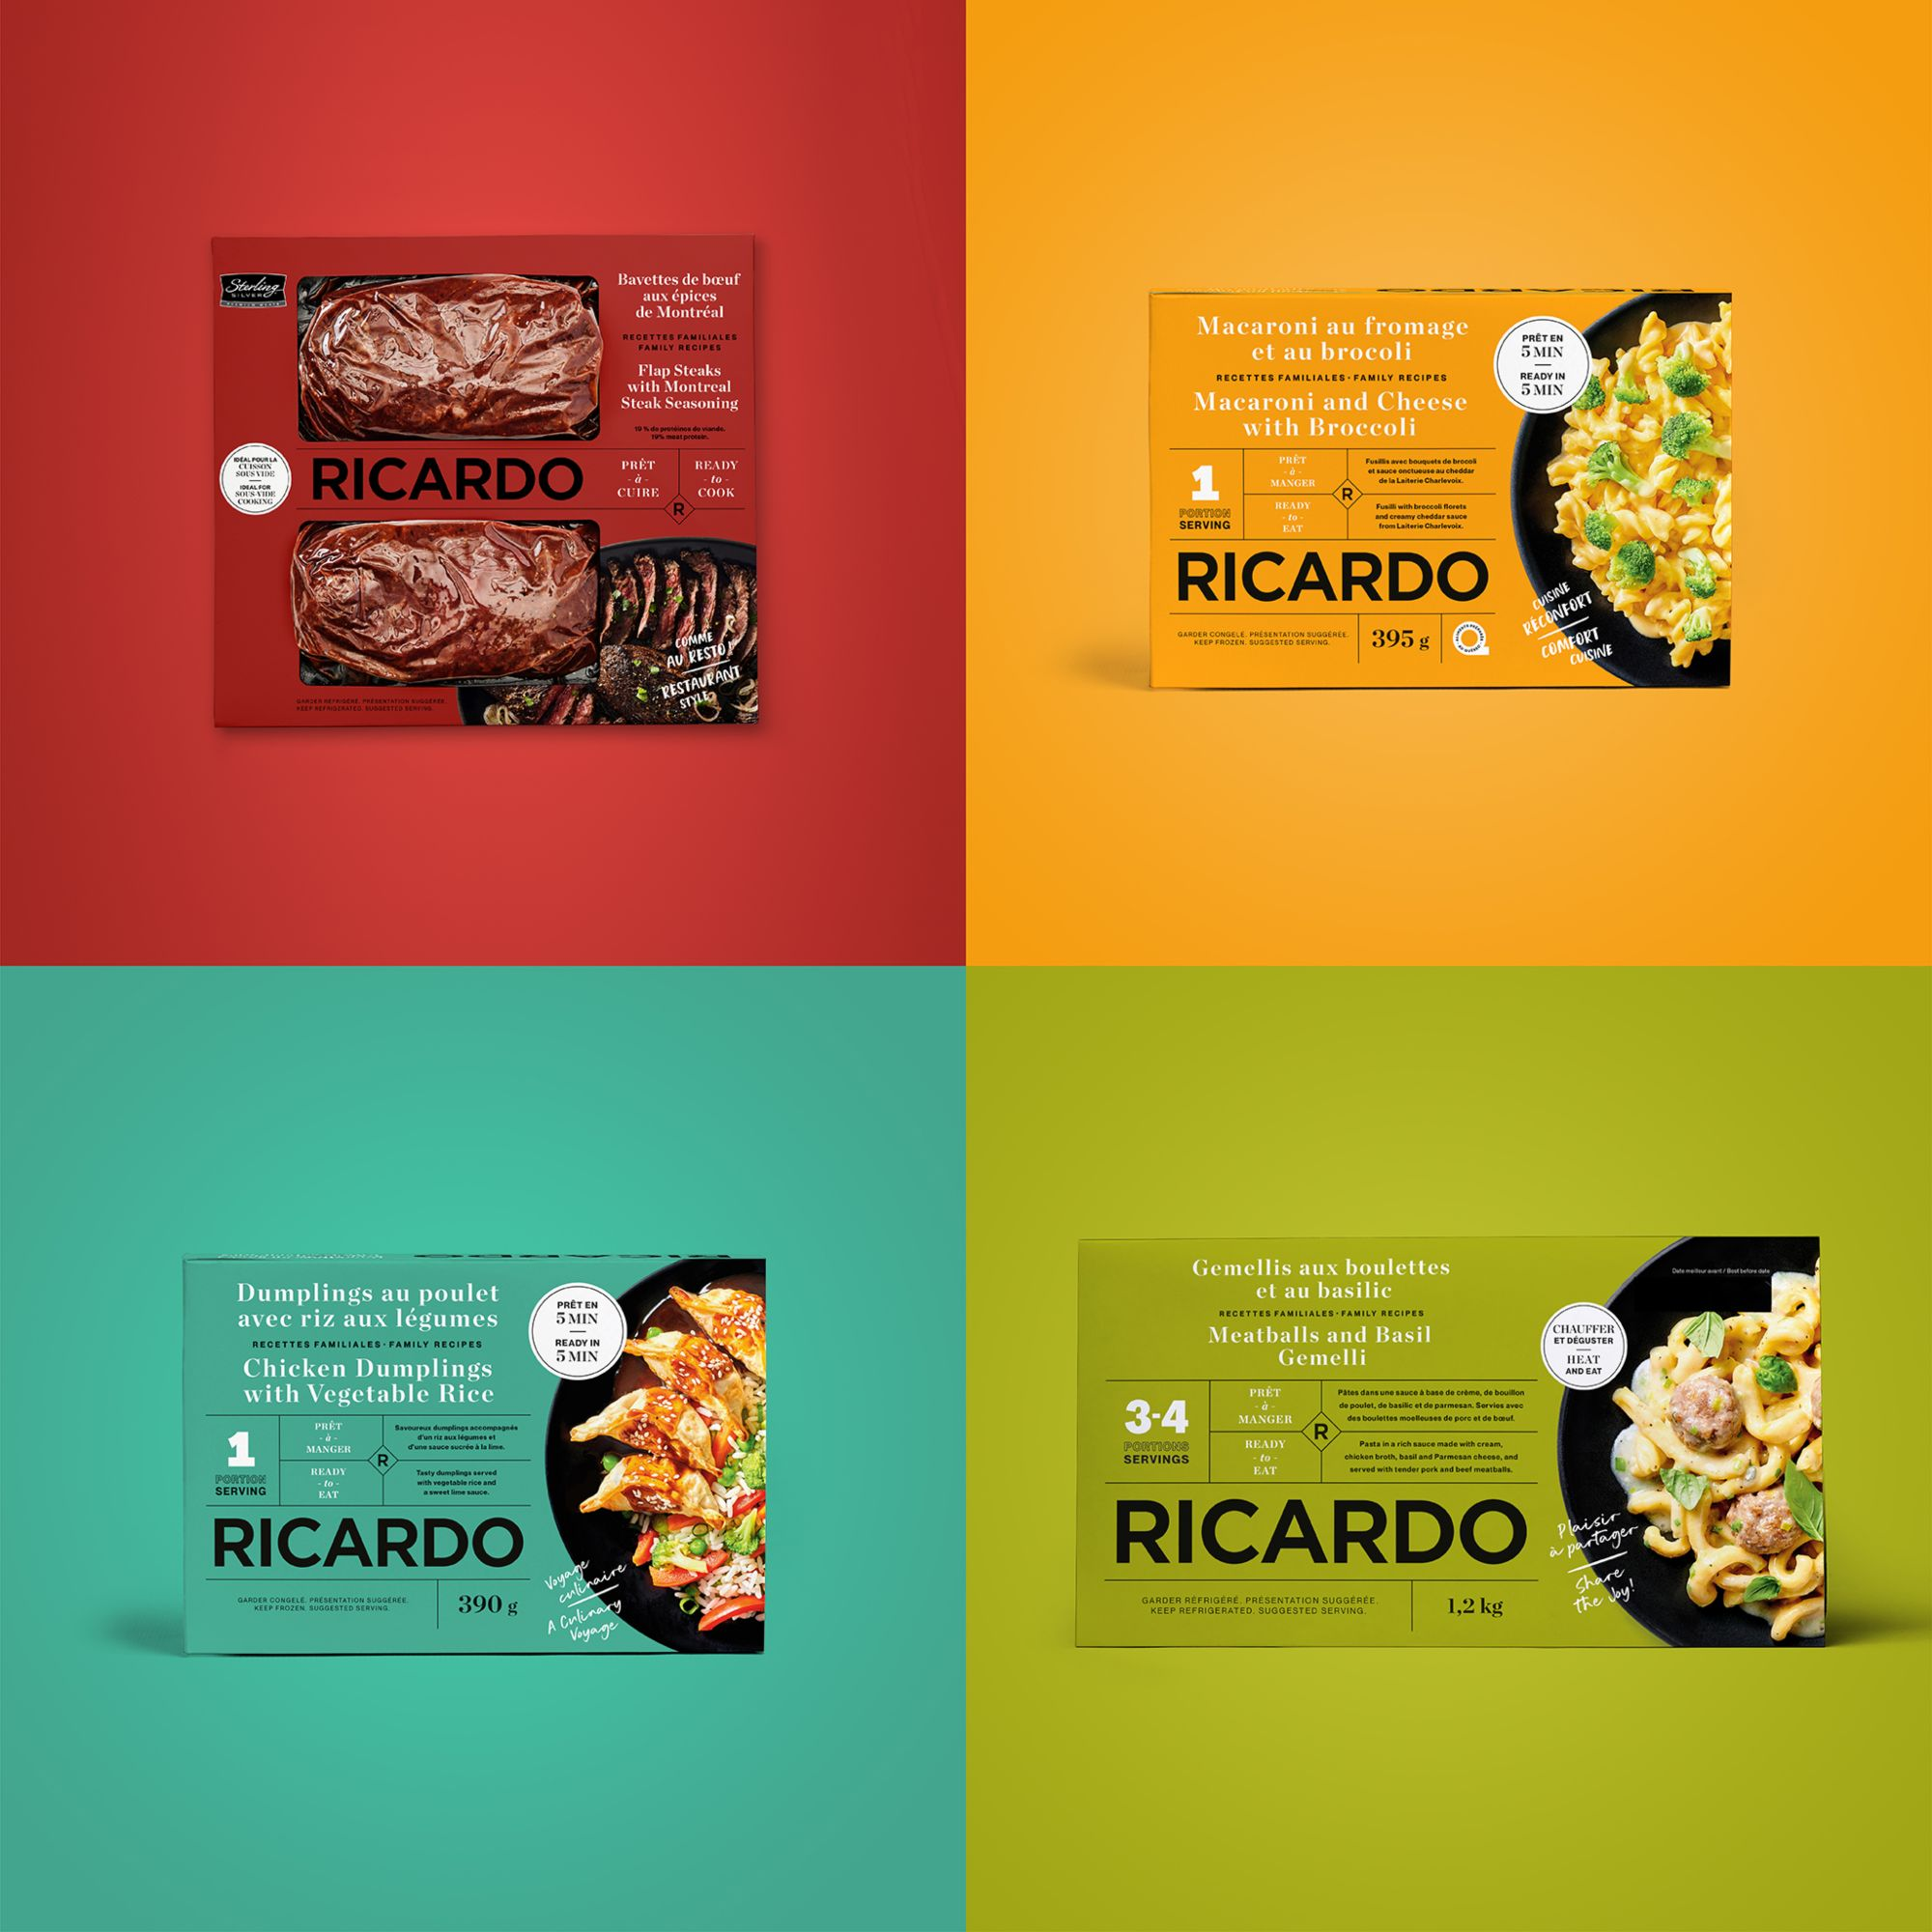 Ricardo 3